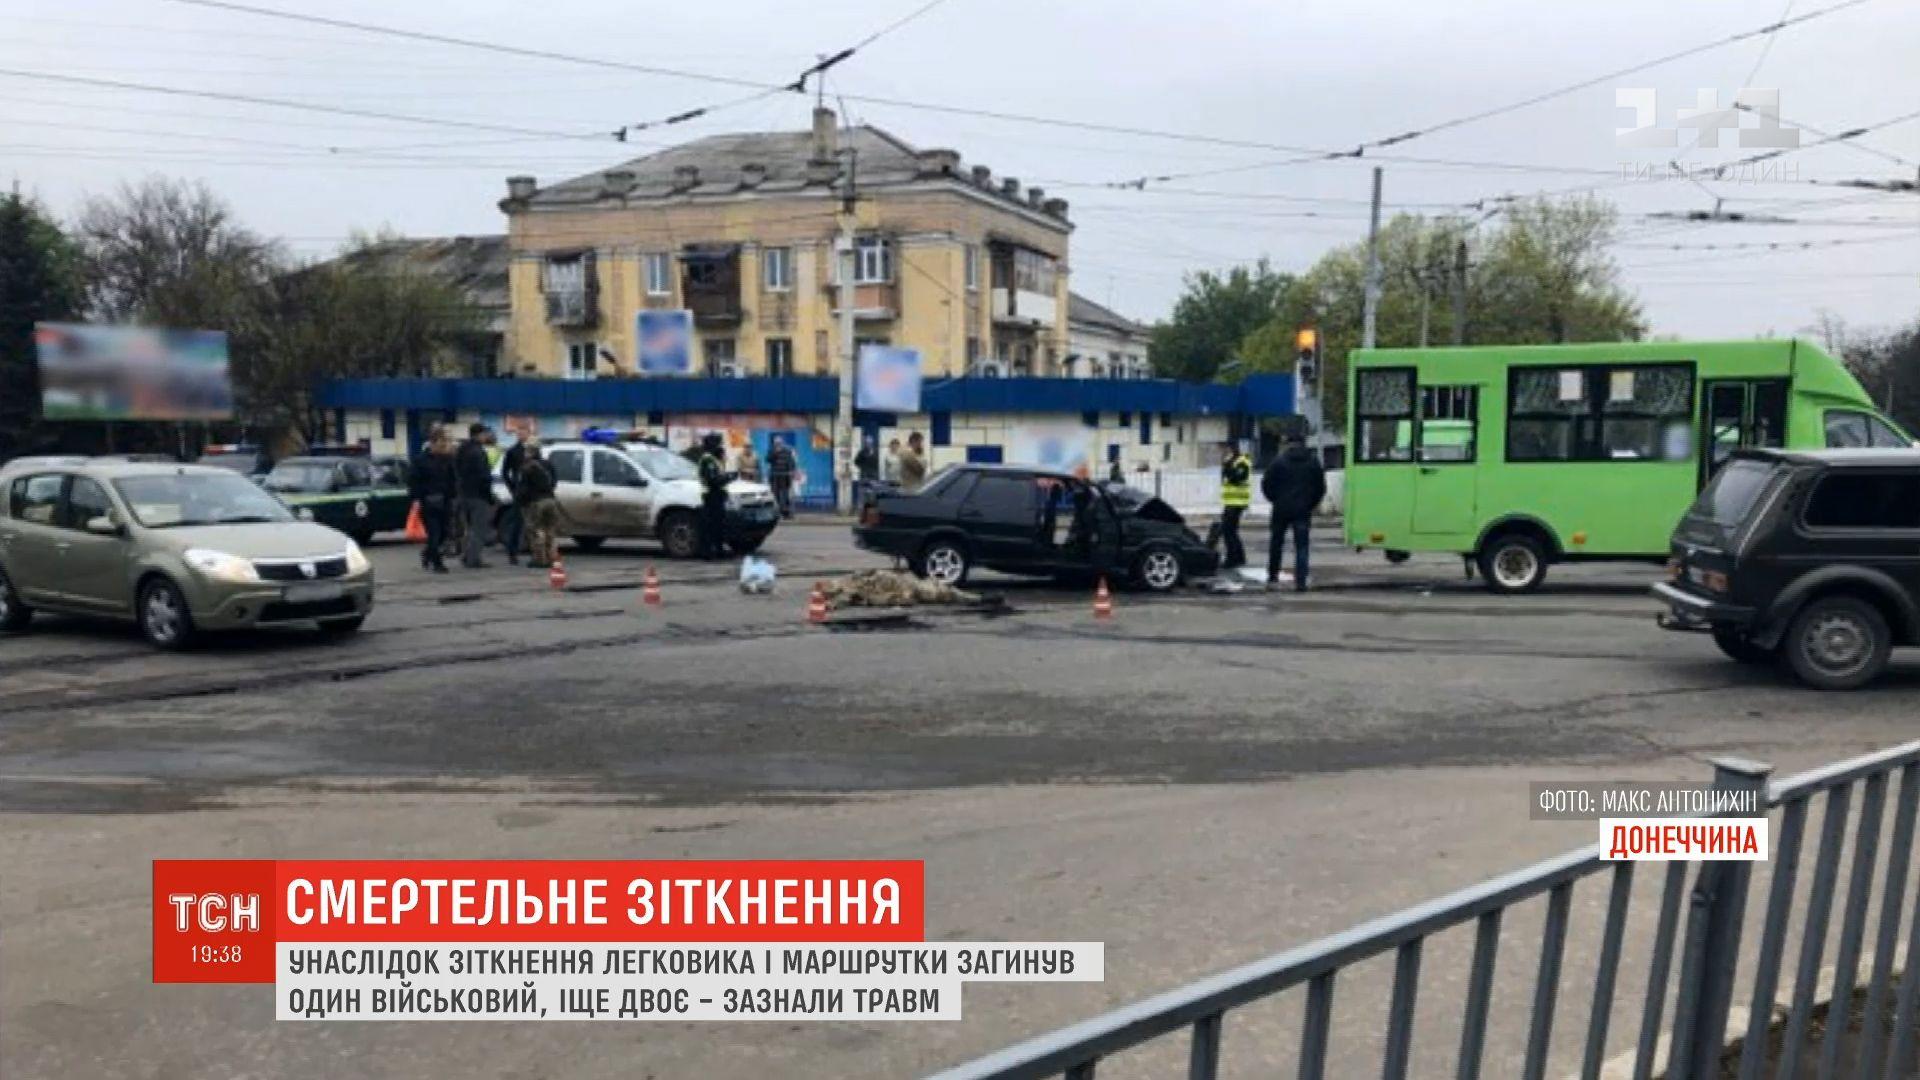 Дорожно-транспортное происшествие случилось на перекрестке улиц Олексы Тихого и Гампера / скриншот